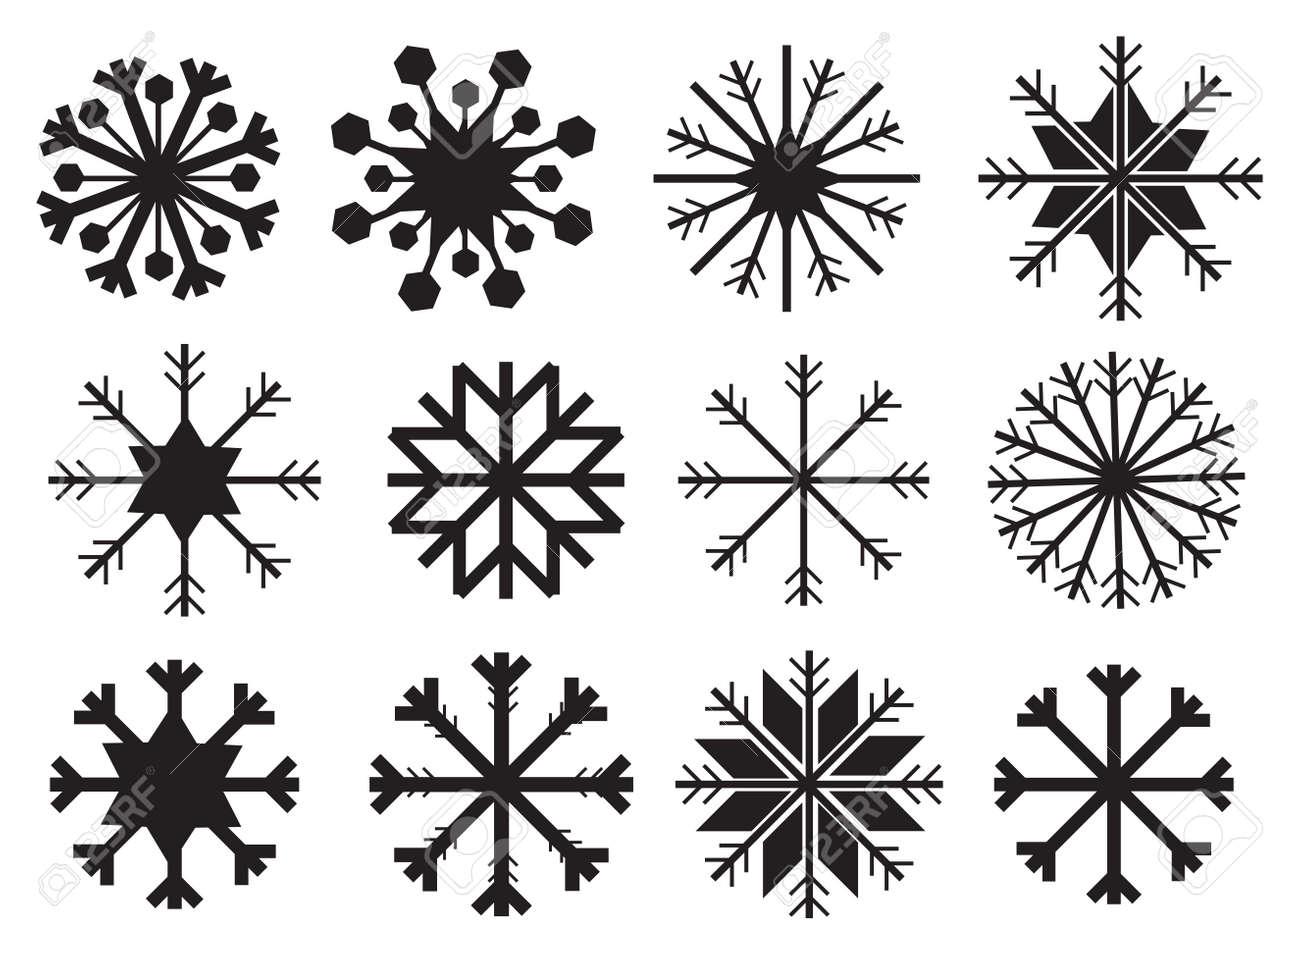 Vector Dessins De Flocons De Neige En Noir Isole Sur Fond Blanc Clip Art Libres De Droits Vecteurs Et Illustration Image 32791164